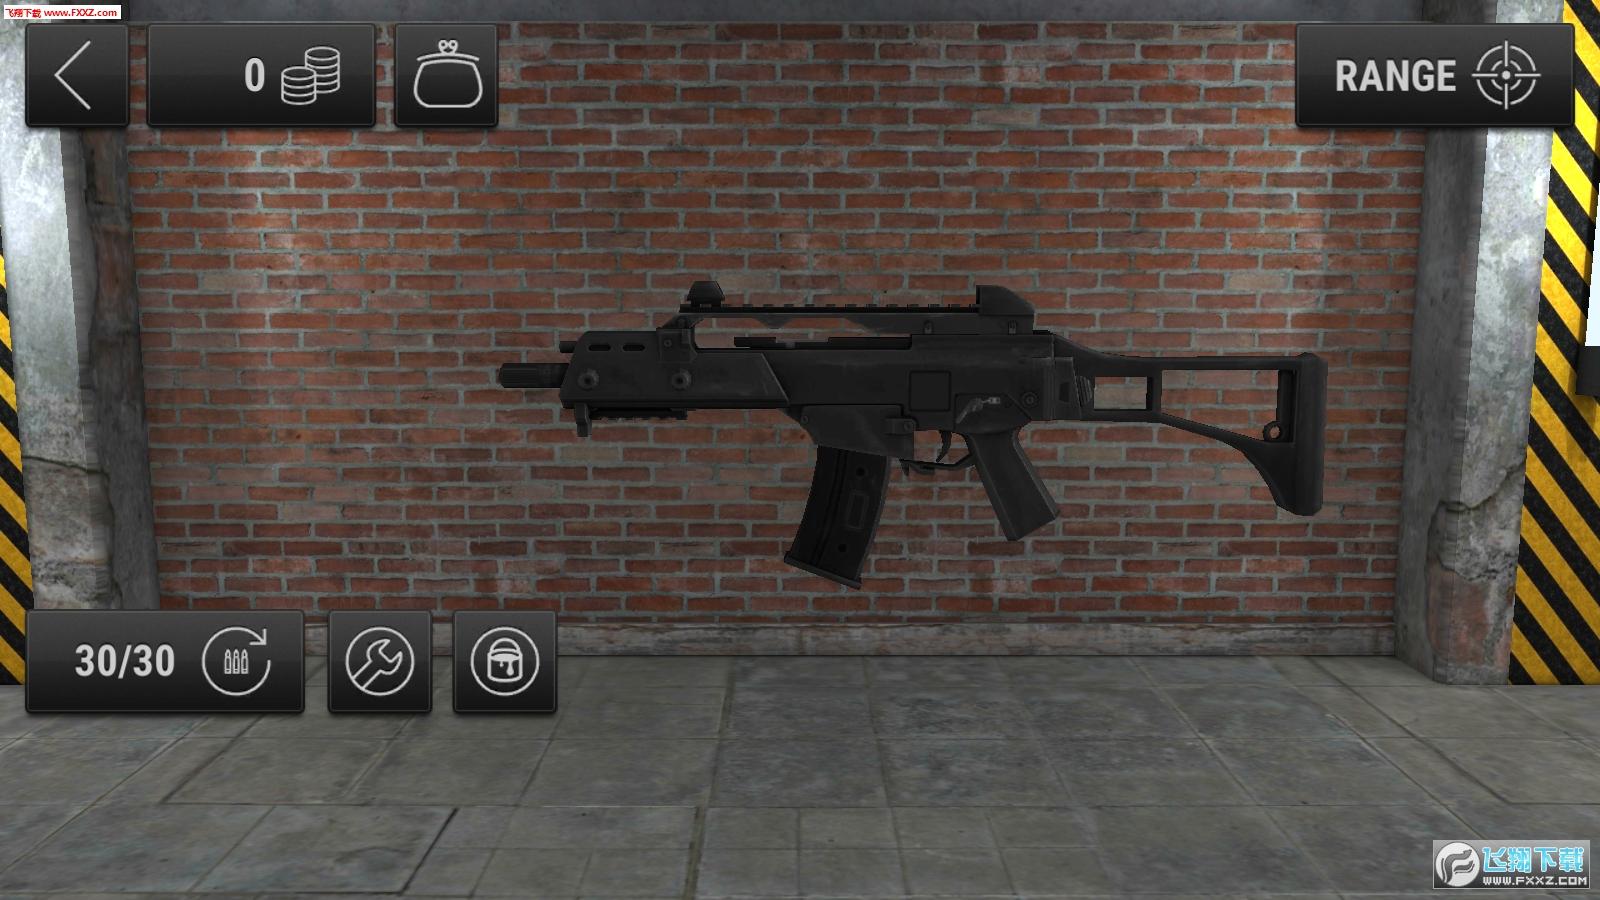 躲避子弹Weaphones免费游戏2.2.0截图0